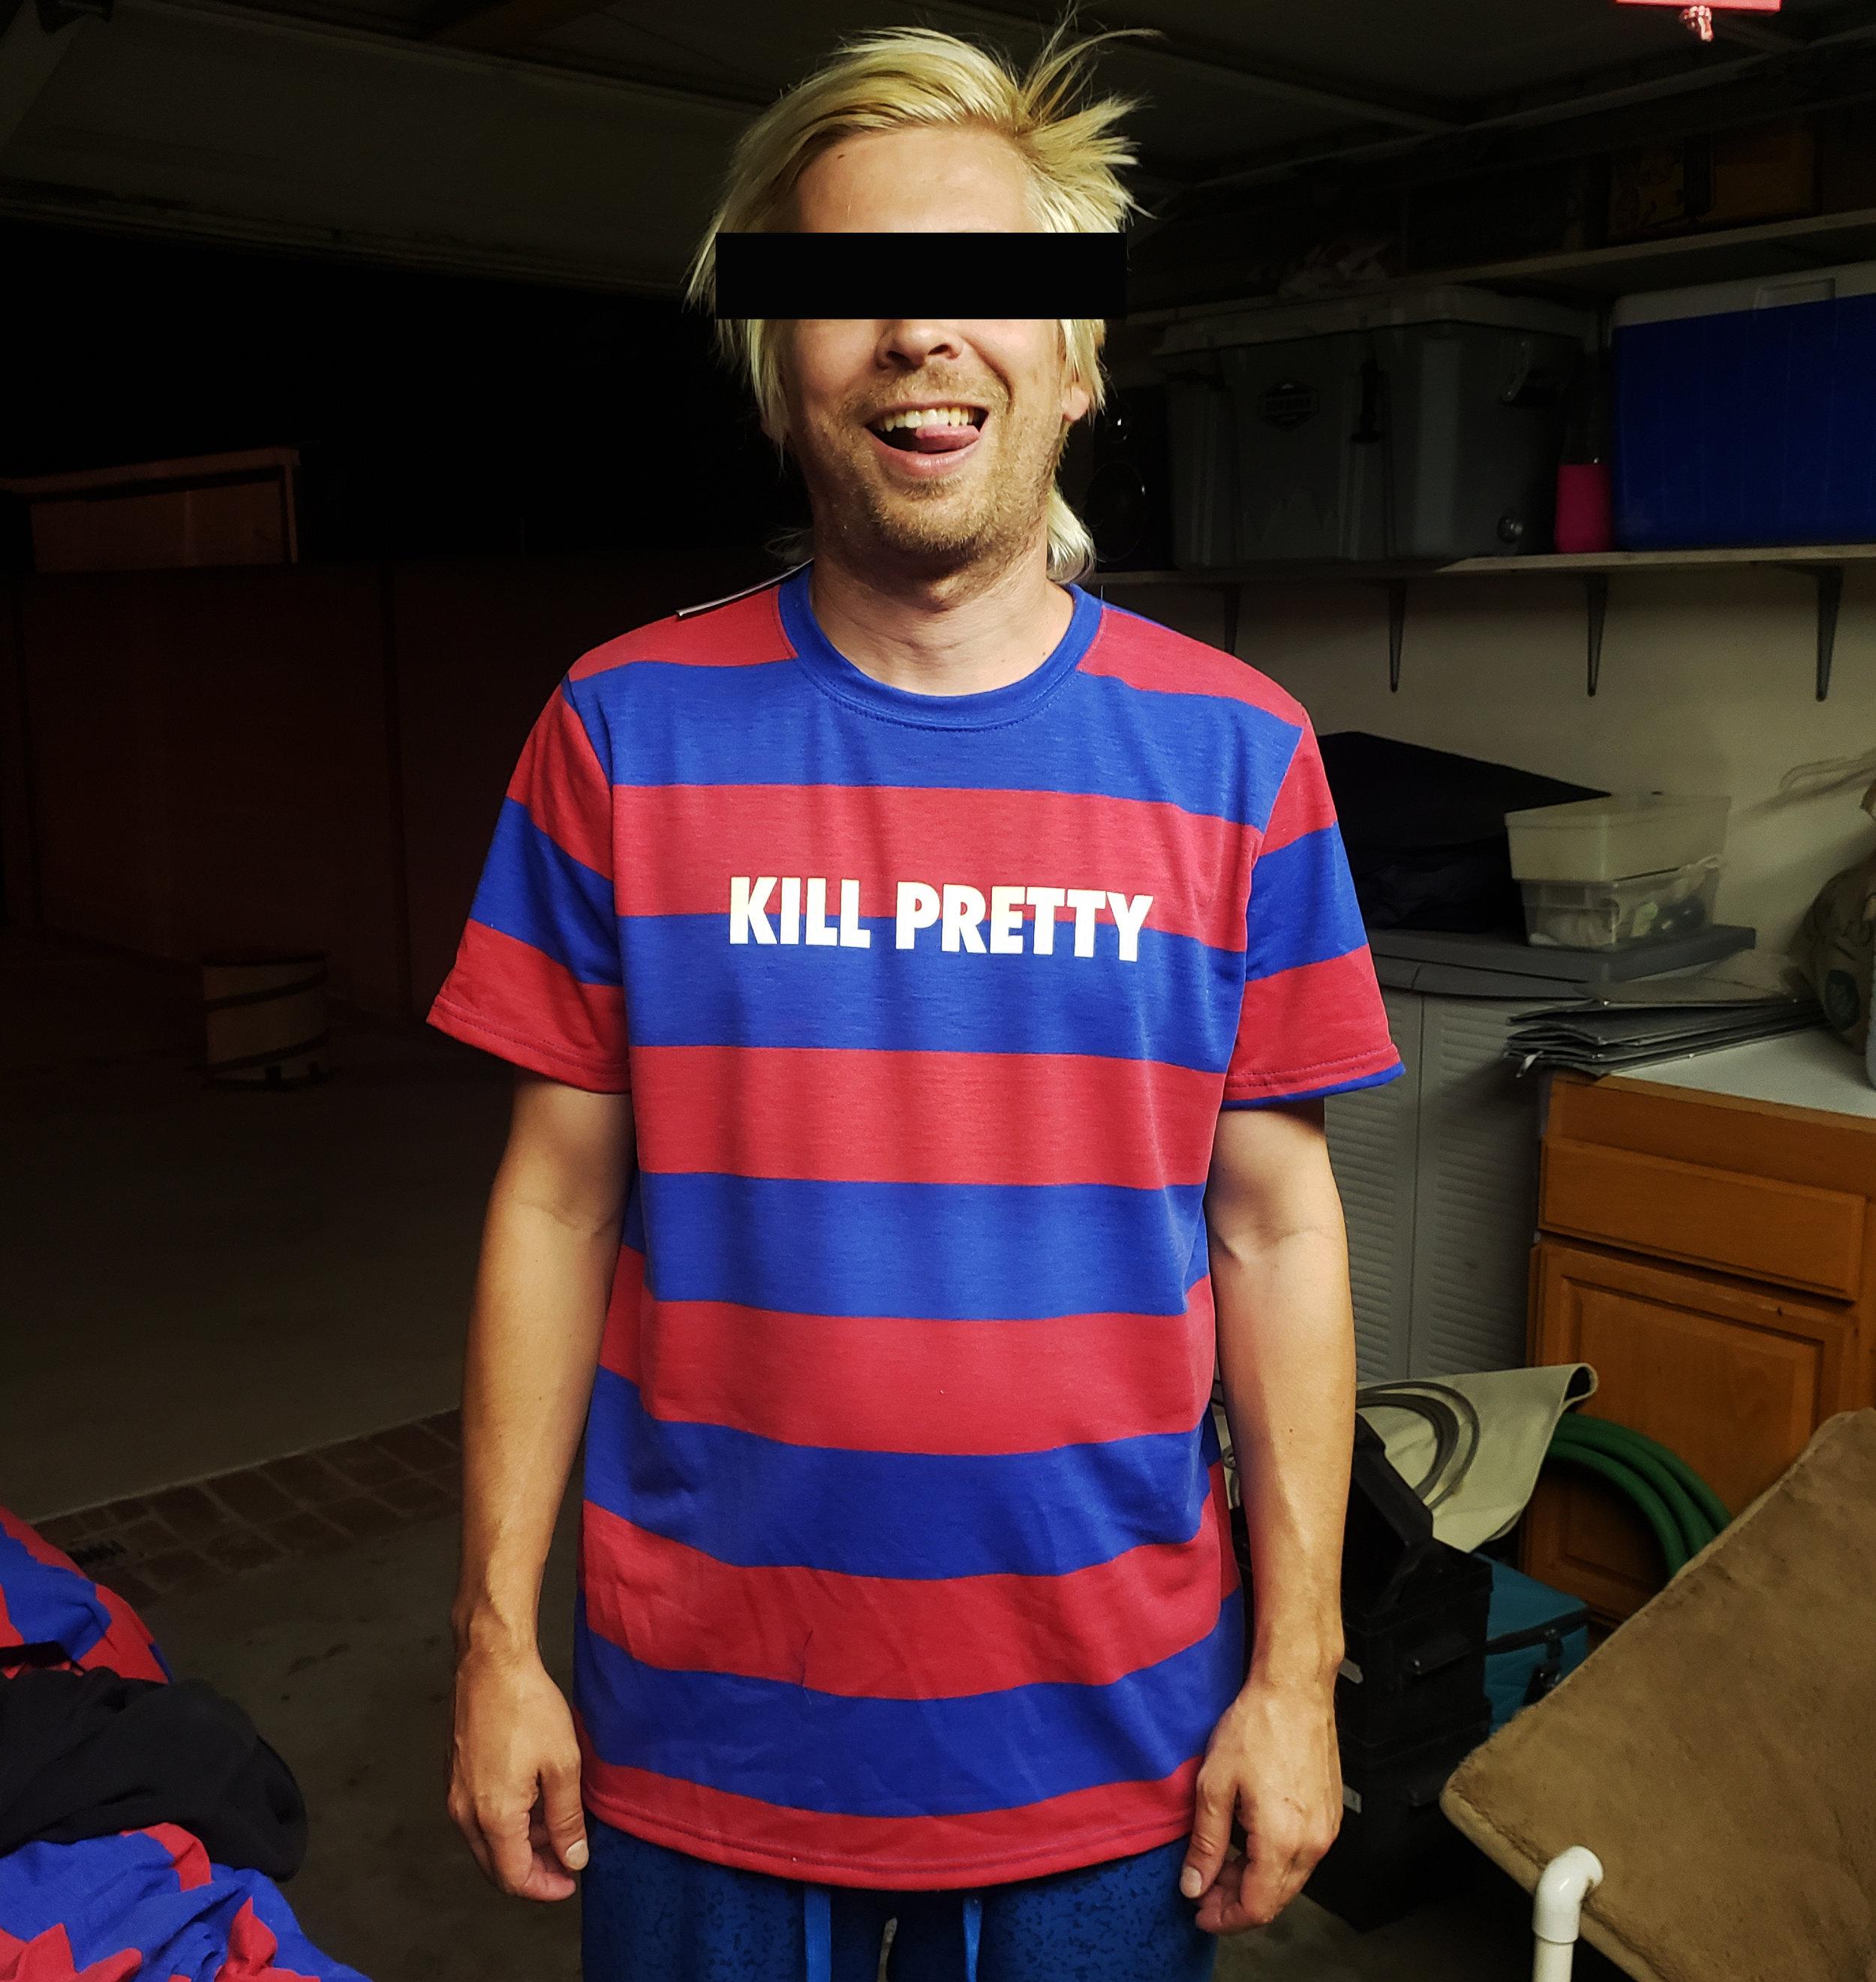 kpstrippedshirt.jpg